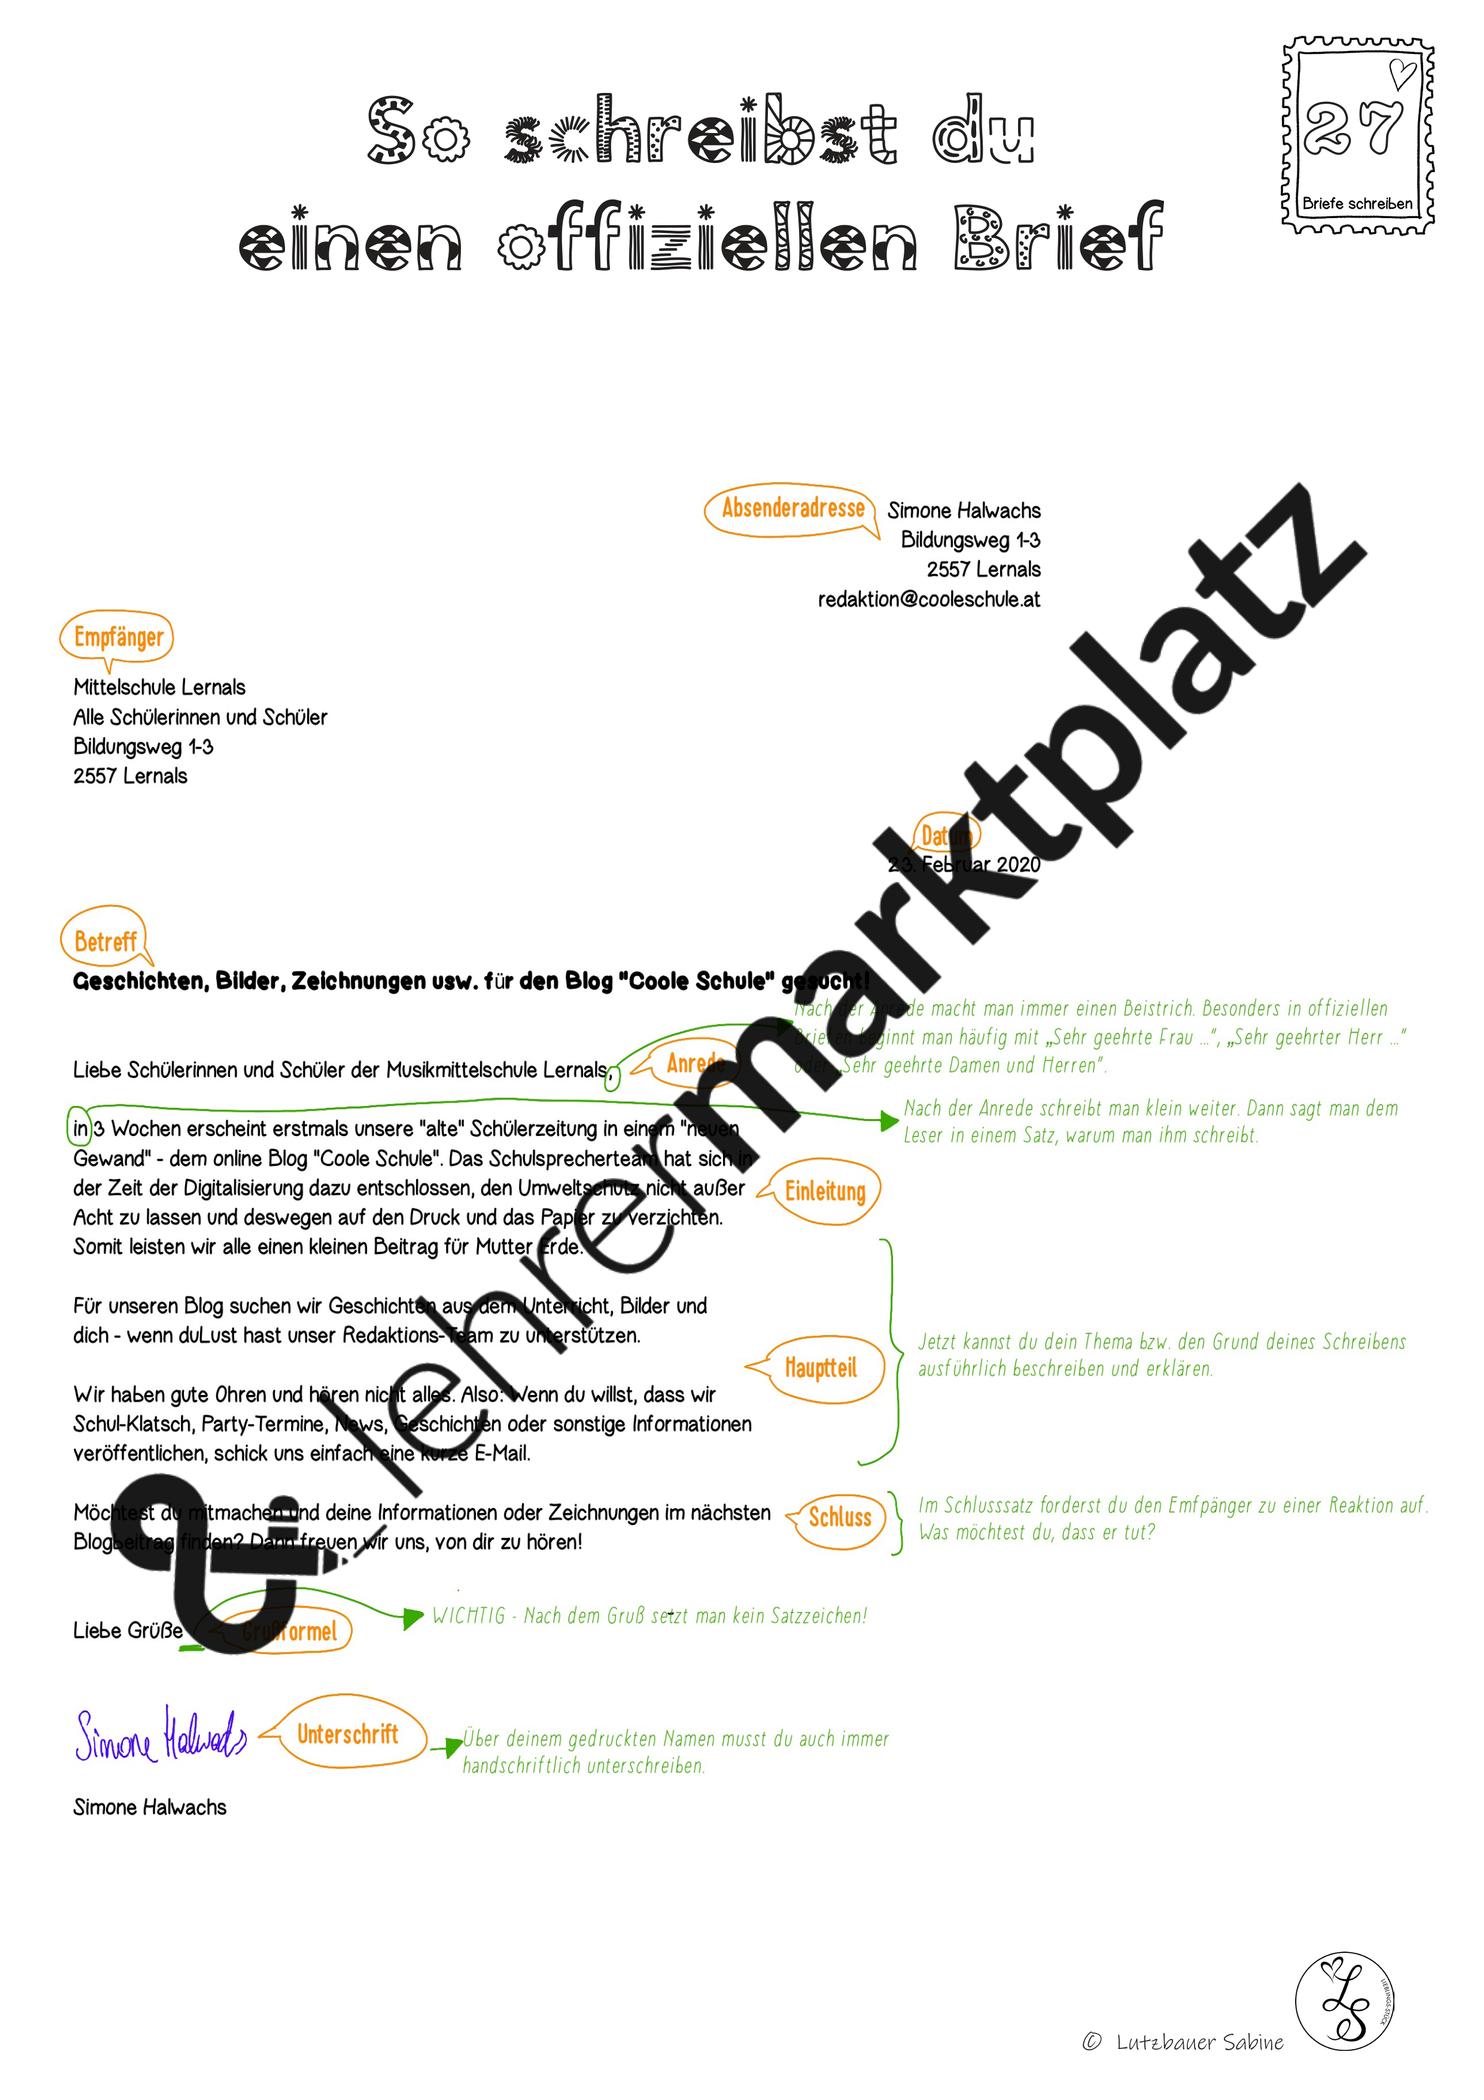 Beispiel Offizieller Brief Themenplan Beispiel Offizieller Themenplan Offizieller Brief Brief Bildung